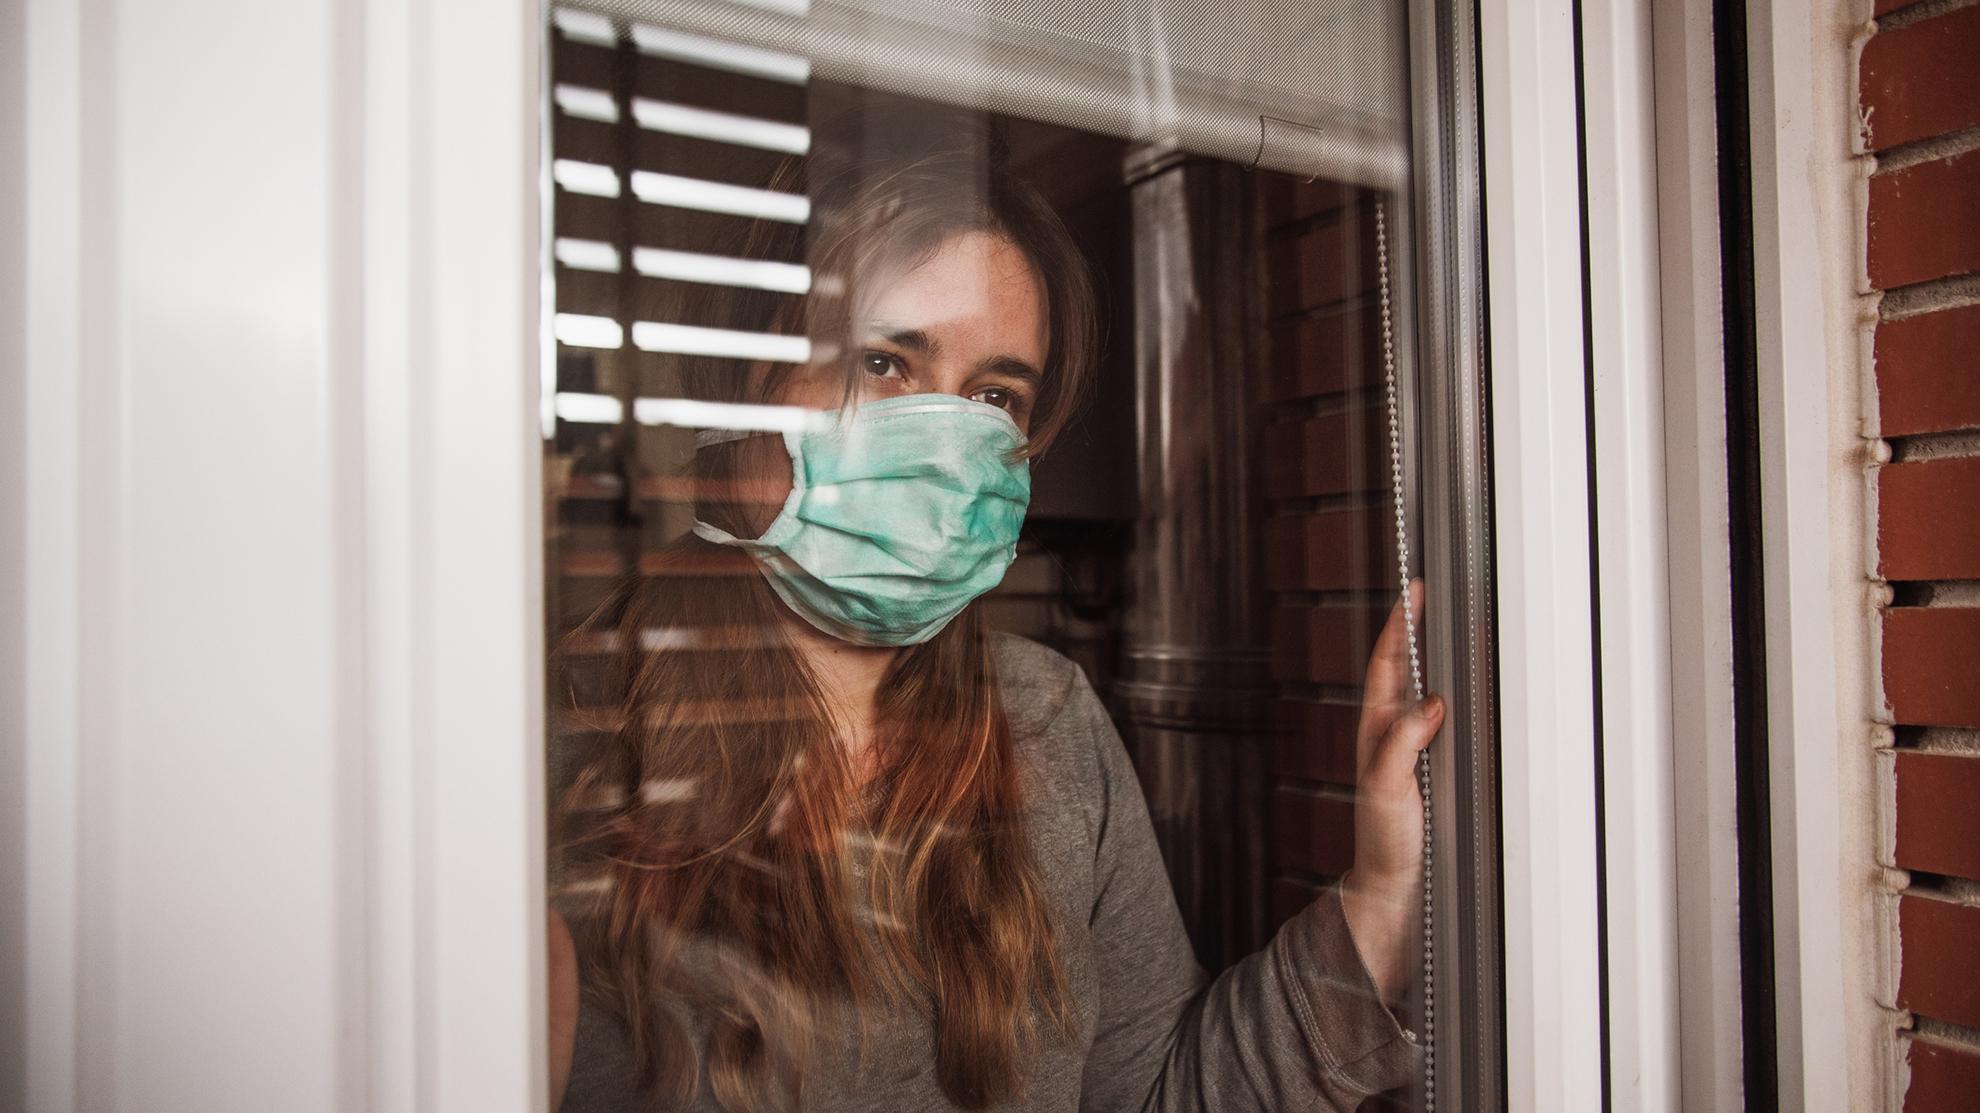 Korona ja karanteeni, nainen ikkunalla maski päällä